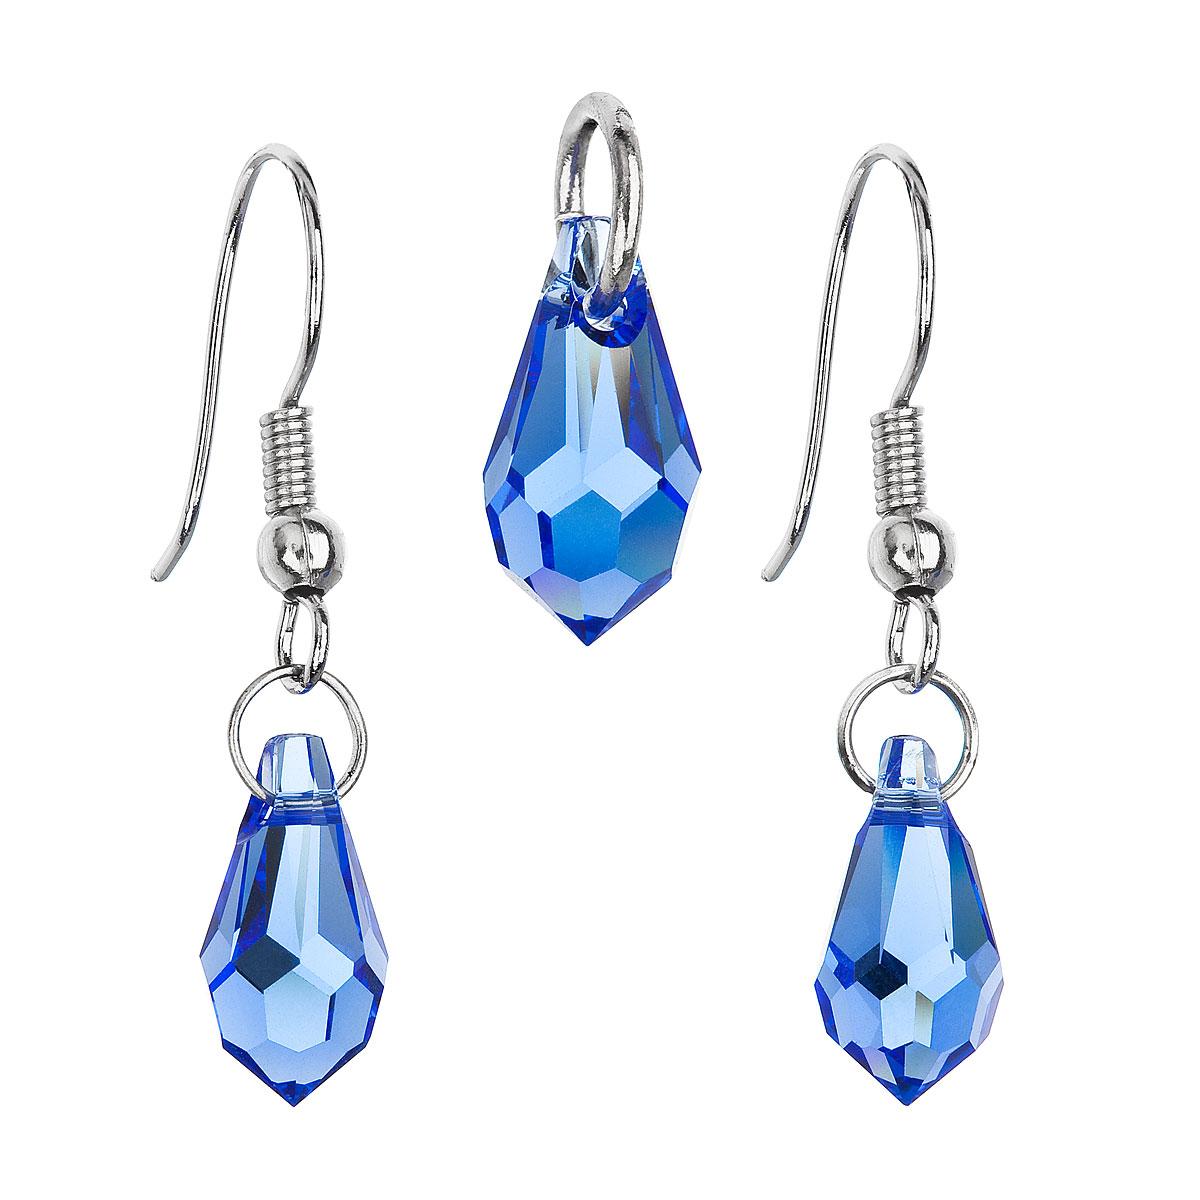 Souprava bižuterie se Swarovski krystaly modrá slza 56013.3